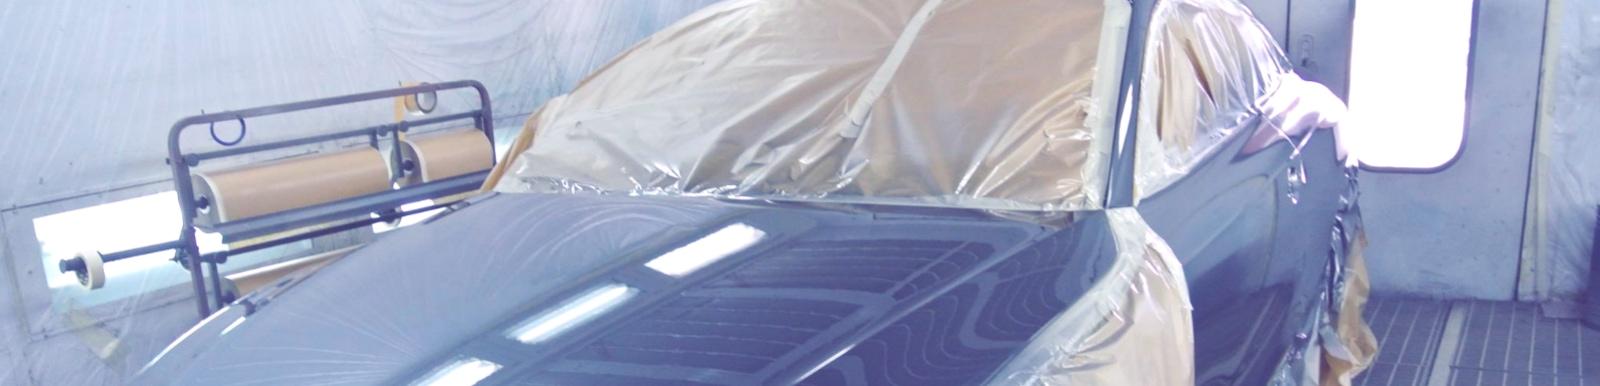 Réparation carrosserie et peinture automobile Genève